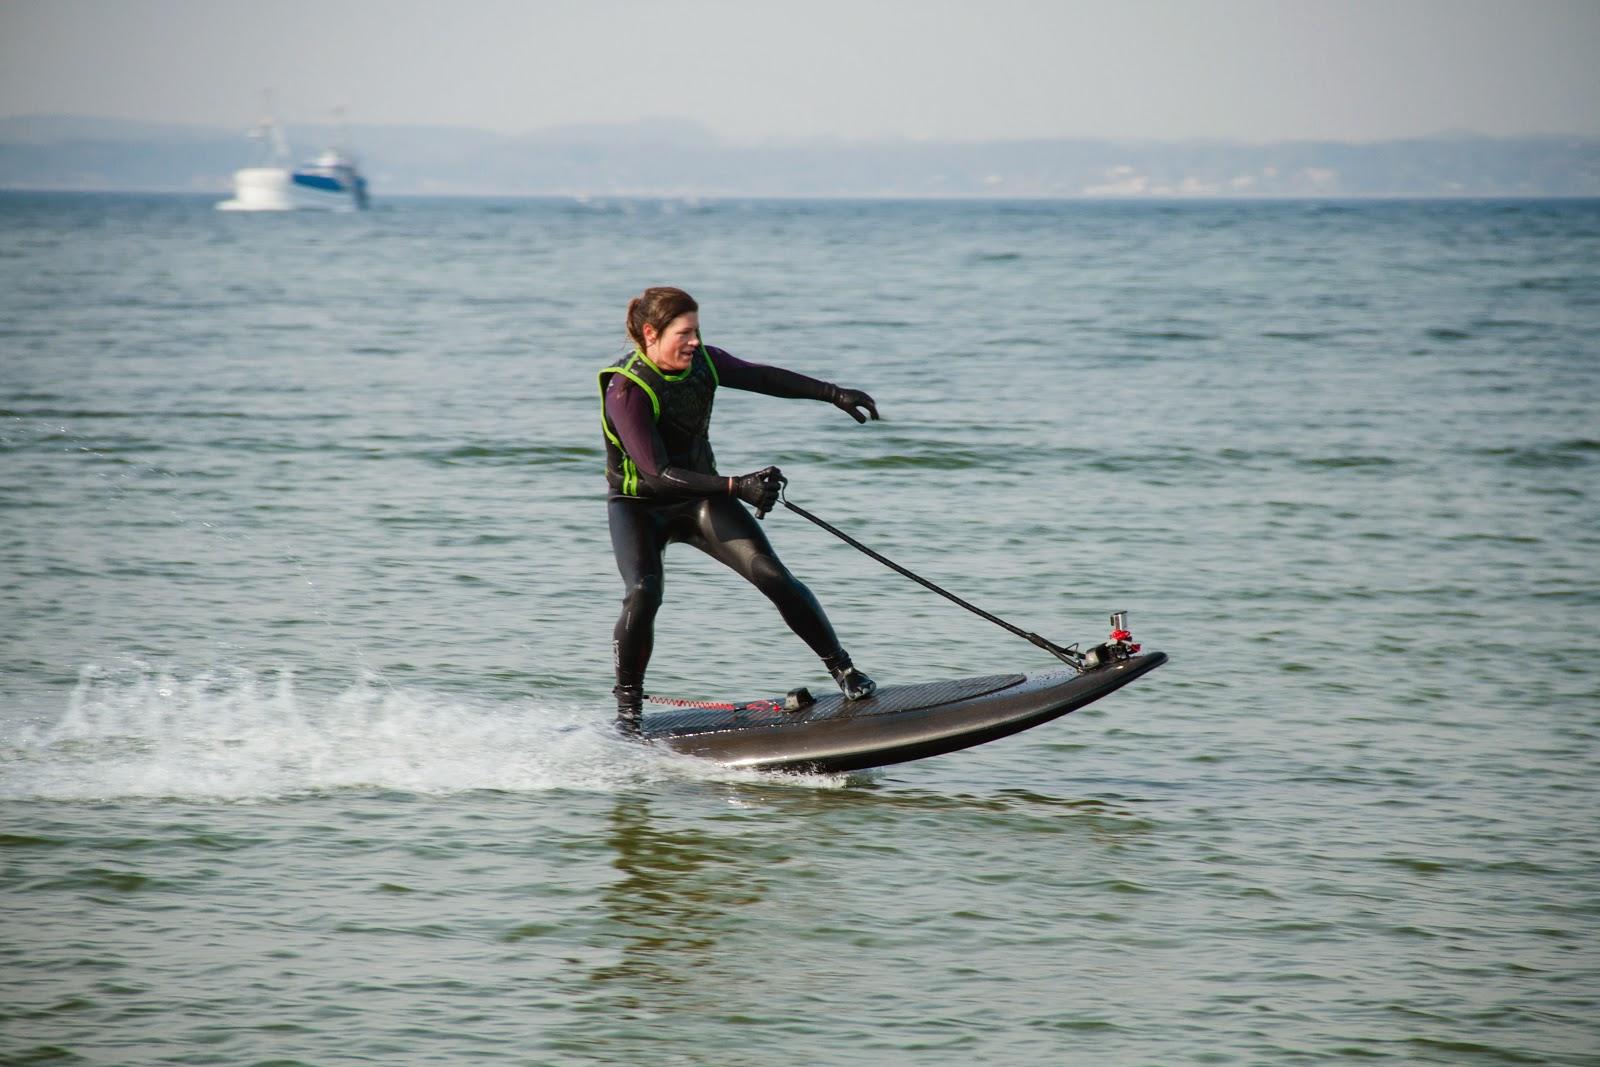 Noleggio e vendita giocattoli di lusso e spettacoli il surf del futuro a idrogetto la tavola - Tavola da surf a motore ...